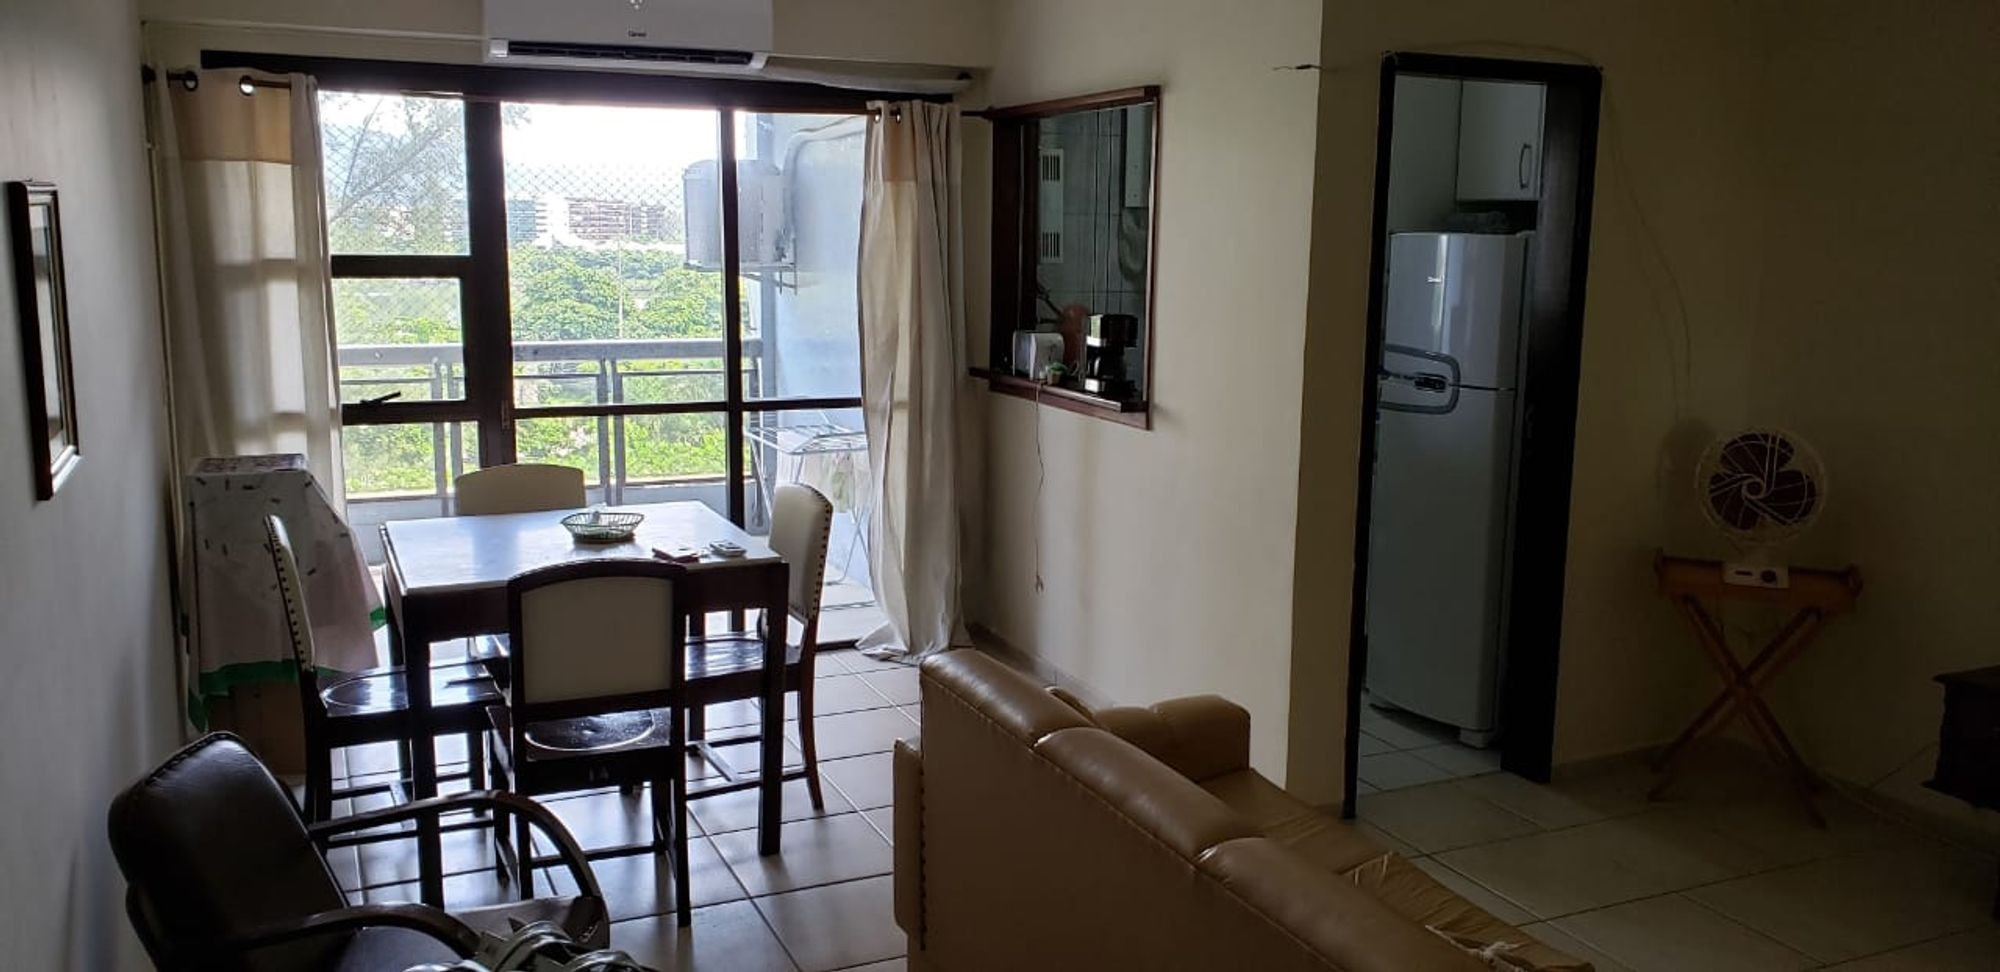 Foto de Sala com geladeira, cadeira, mesa de jantar